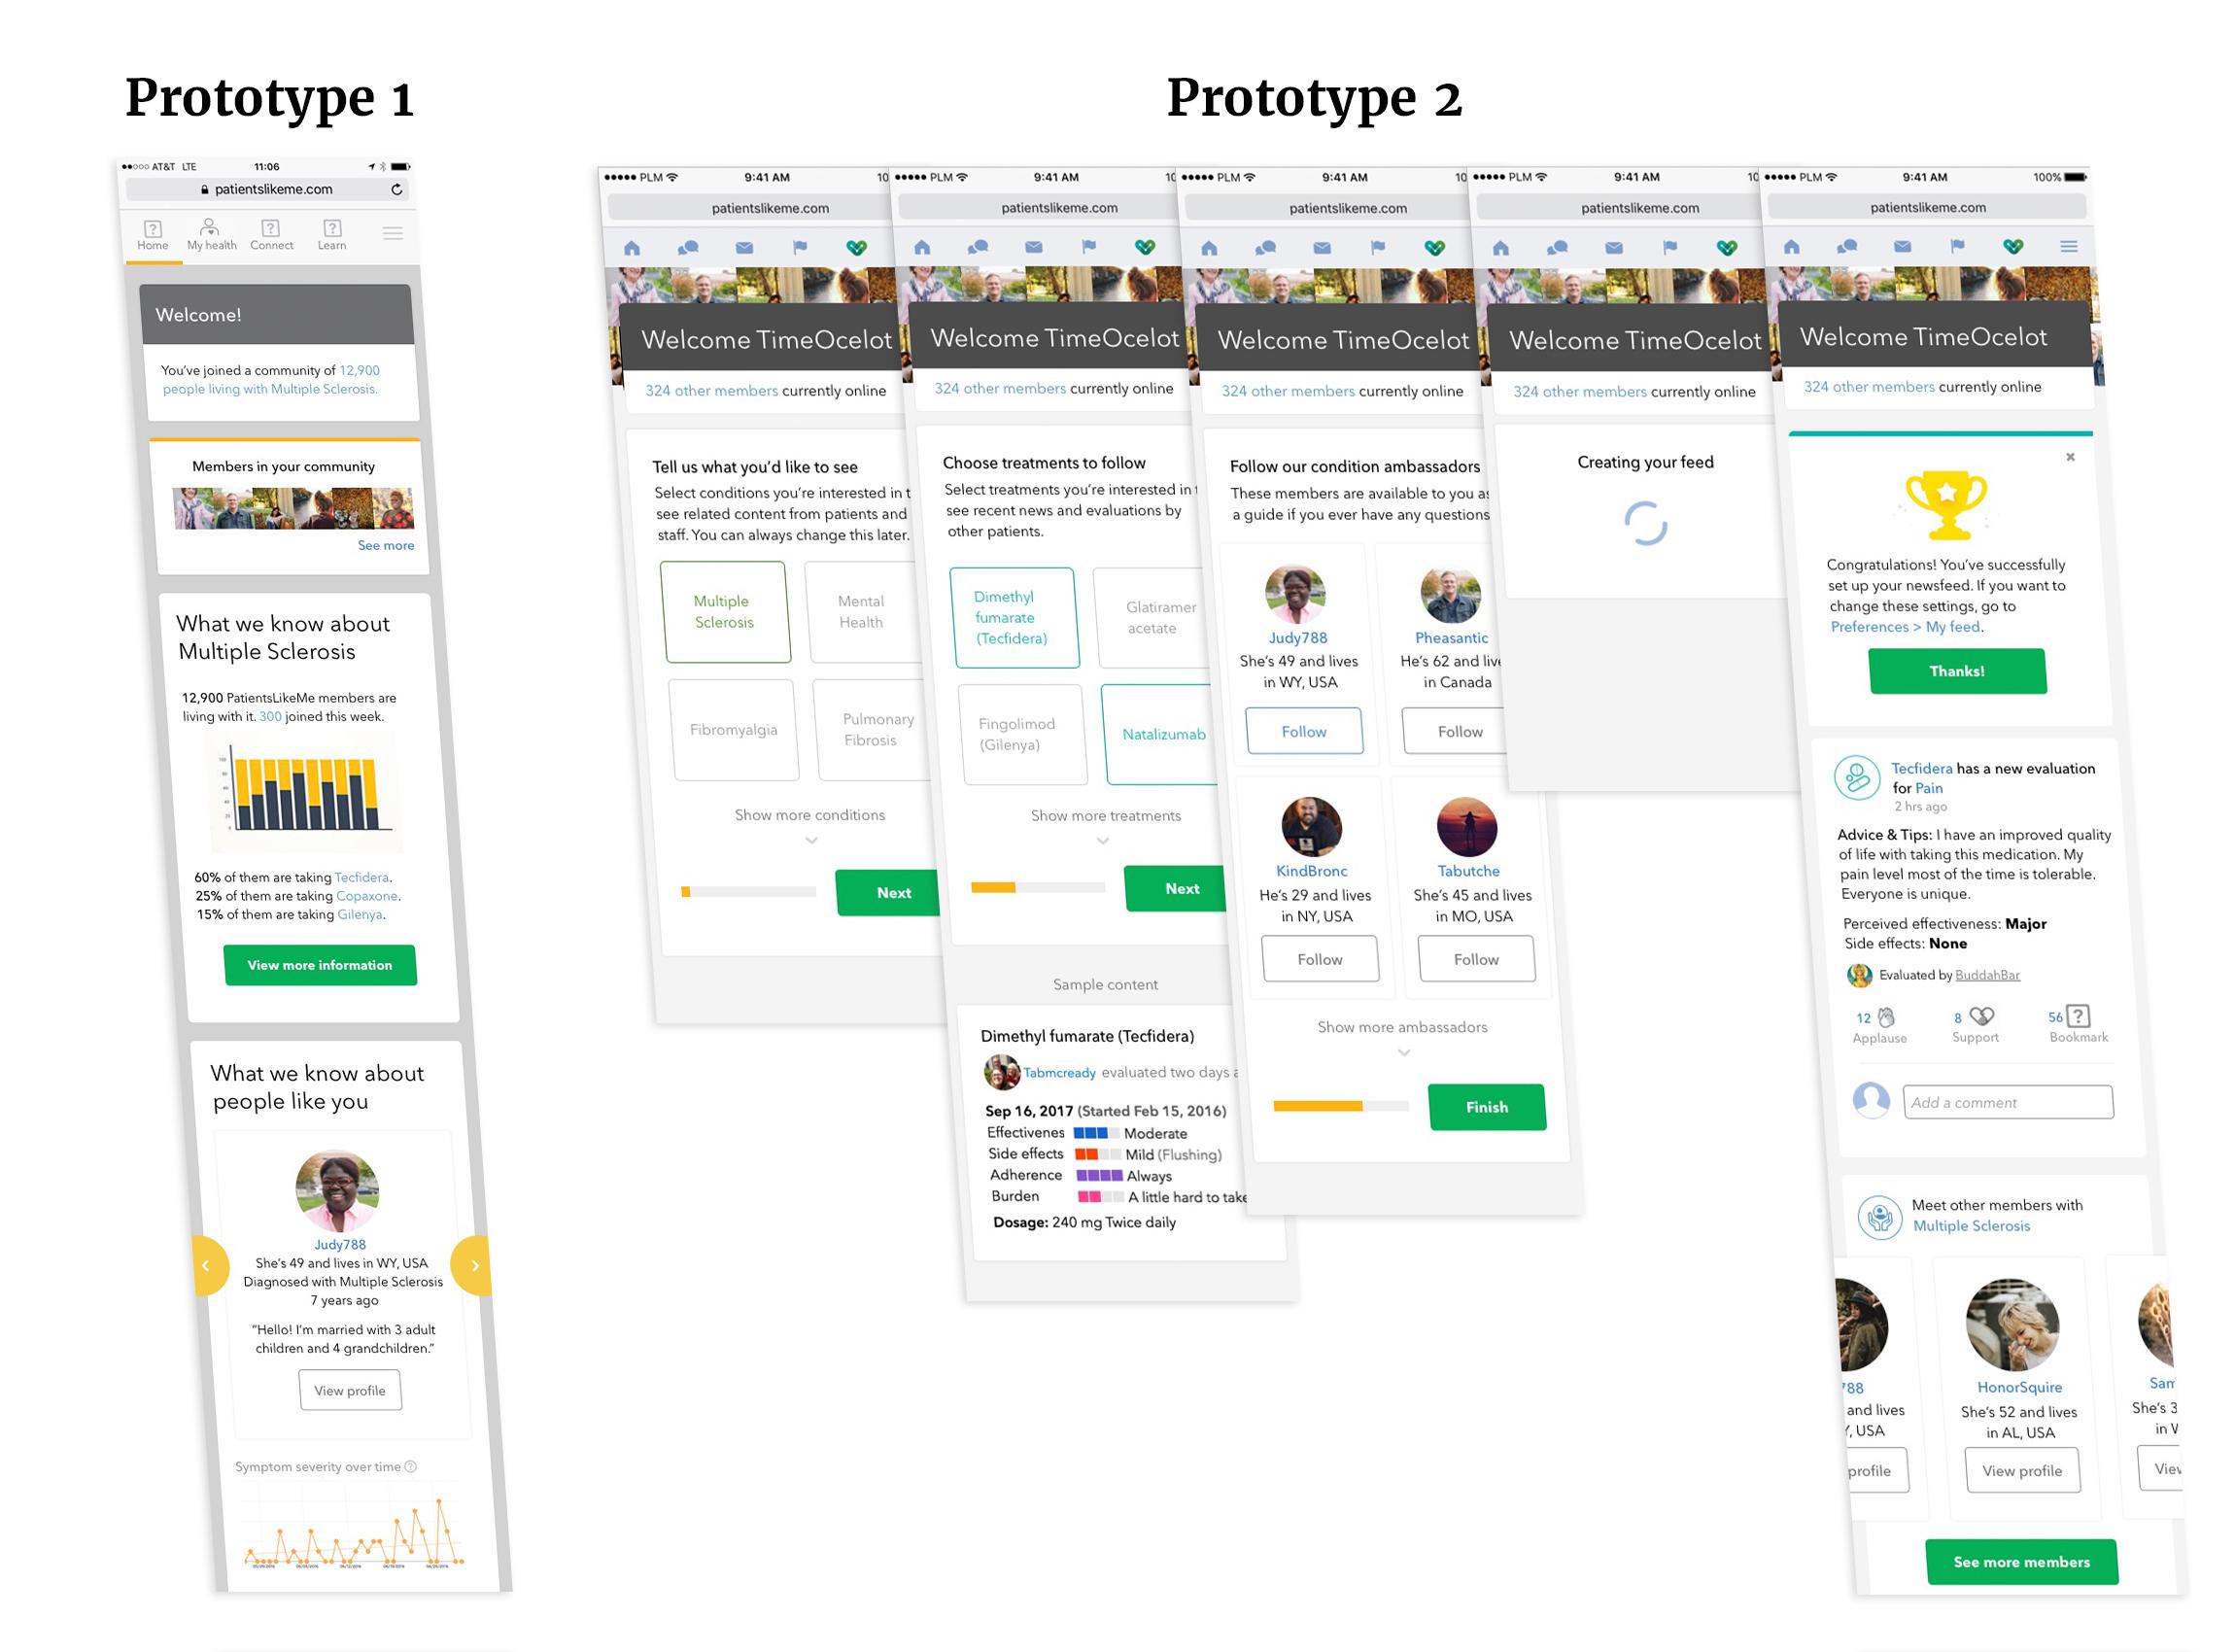 2 prototypes.jpg